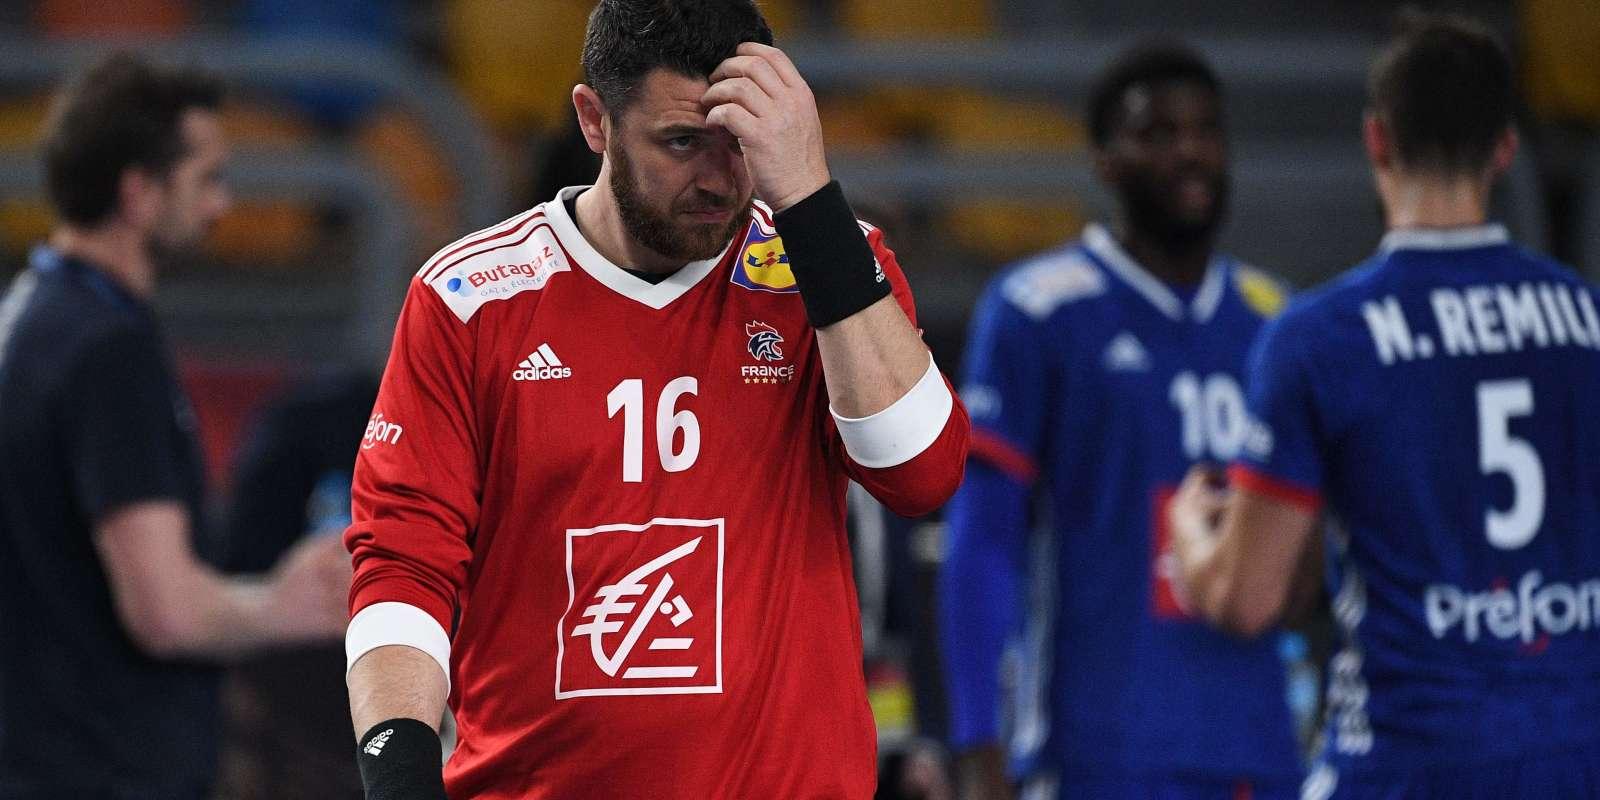 Yann Genty et ses coéquipiers ont échoué dans leur quête du bronze face à l'Espagne, au Mondial égyptien, dimanche 31 janvier.